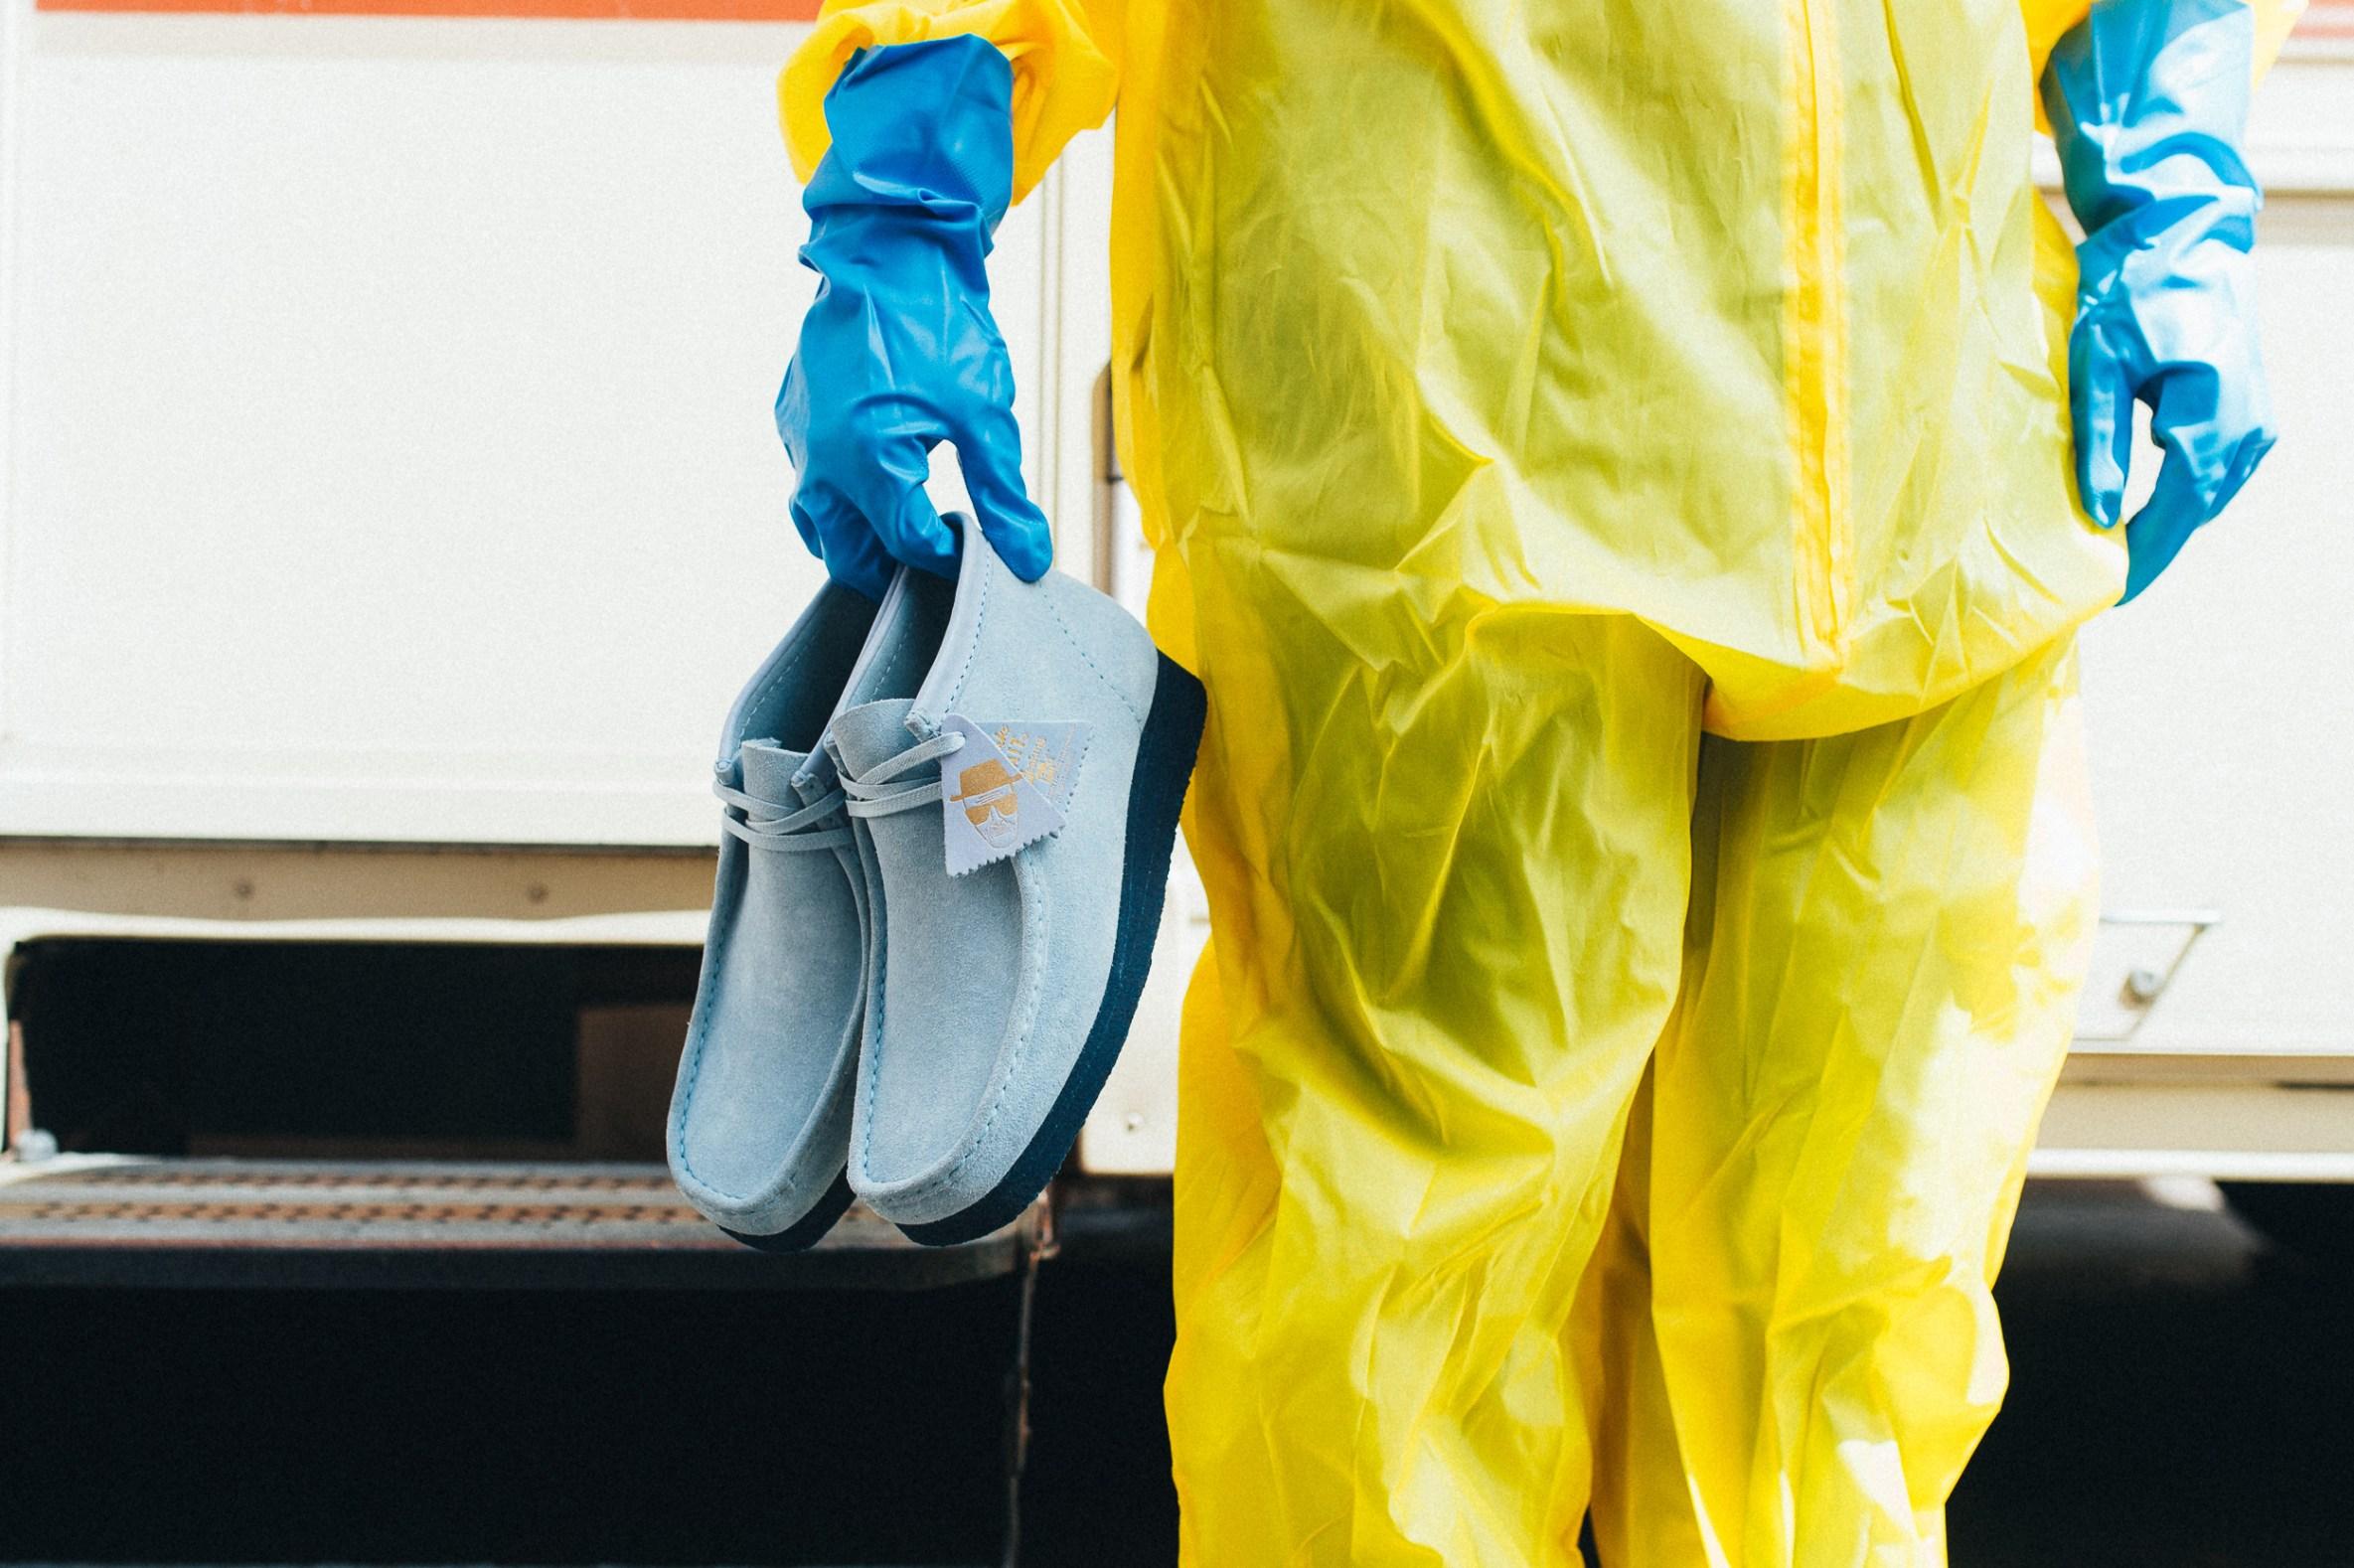 Vístete como Walter White con estos nuevos zapatos de BAIT x Breaking Bad